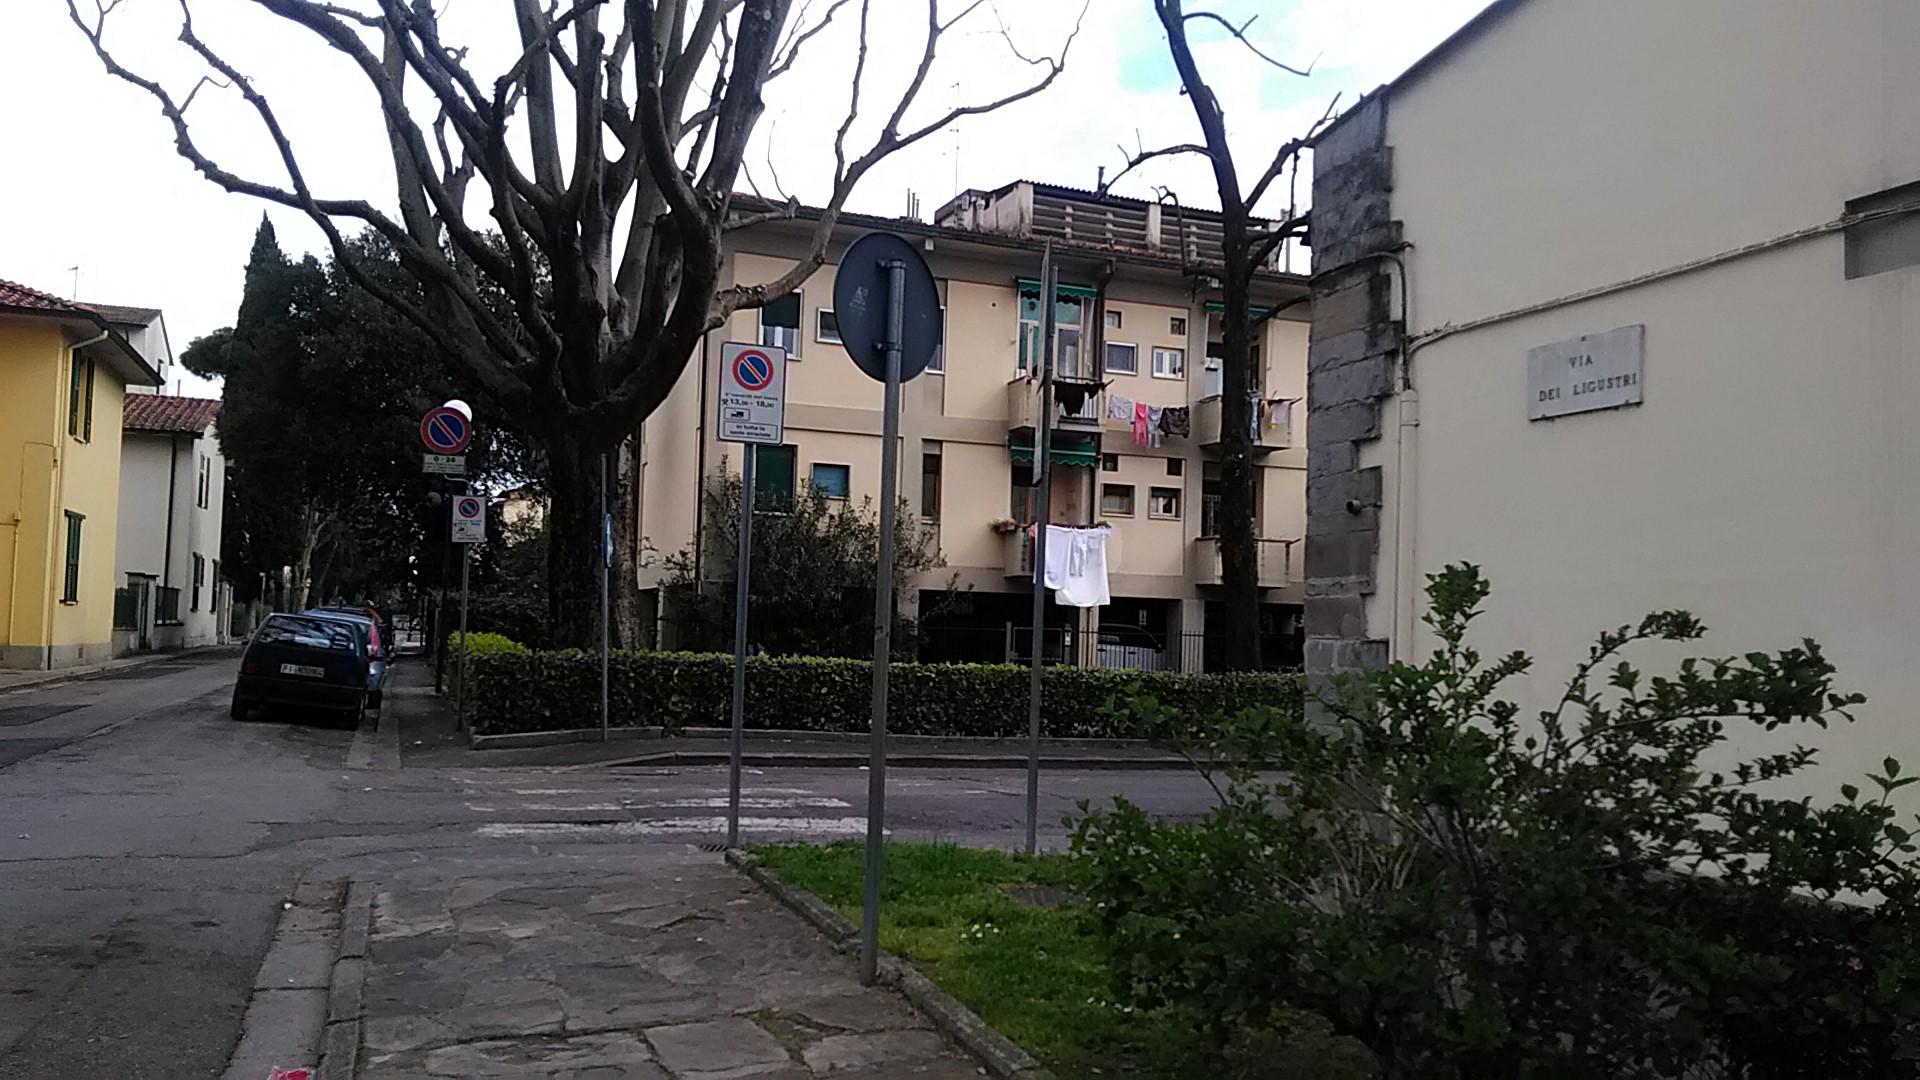 L'isolotto vecchio, nato come quartiere di case popolari e modello di città giardino